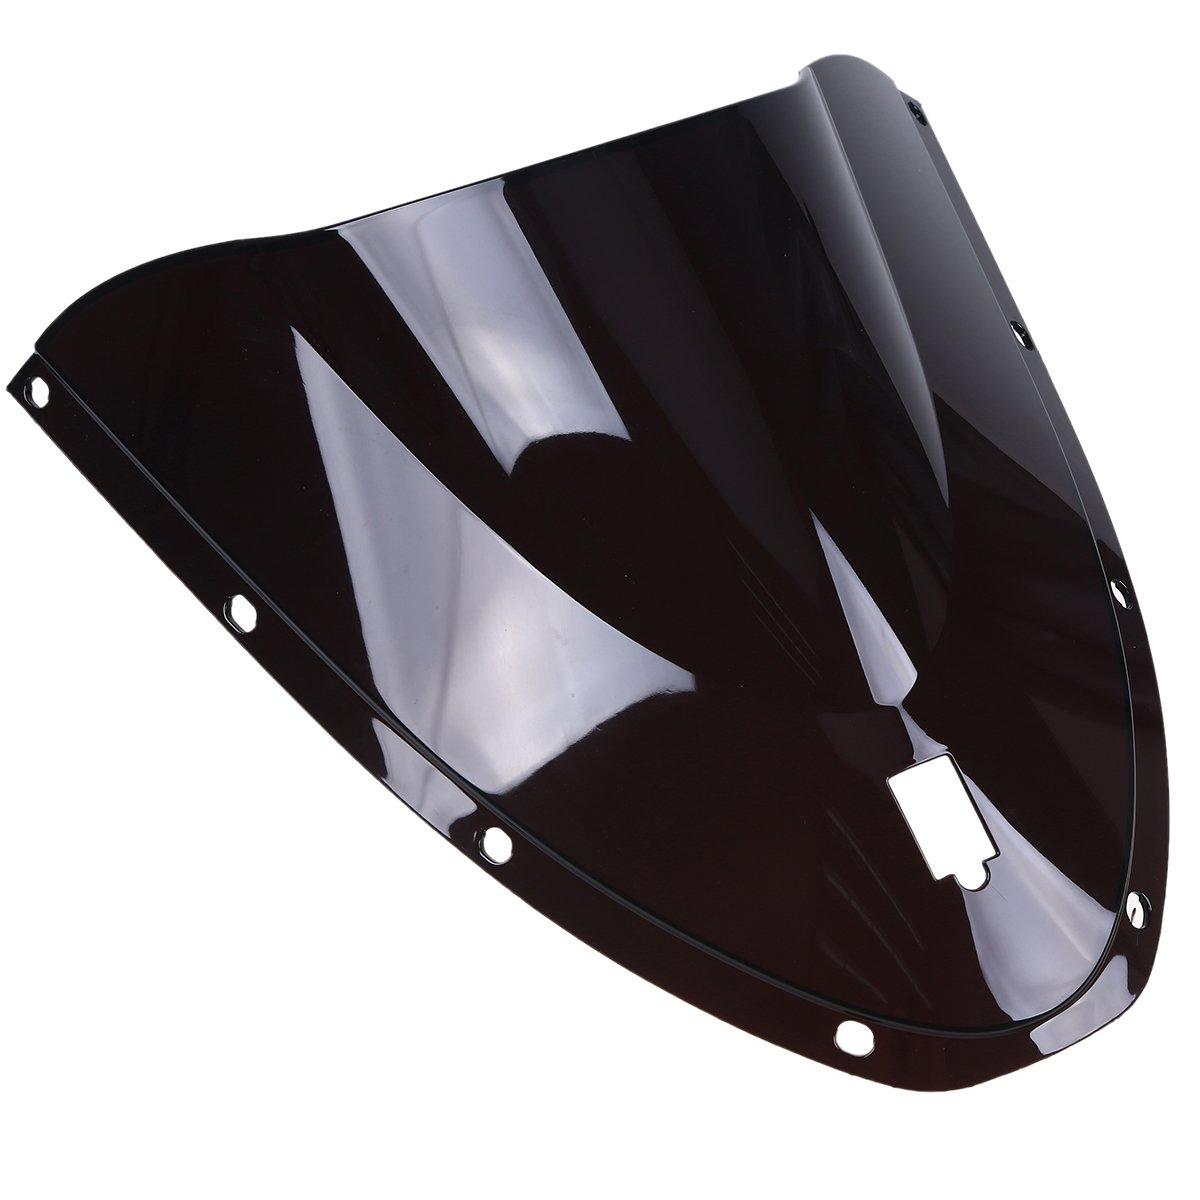 POSSBAY Motorcycle WindScreen Windshield Fly Screen Fit For Ducati 749/999 Black